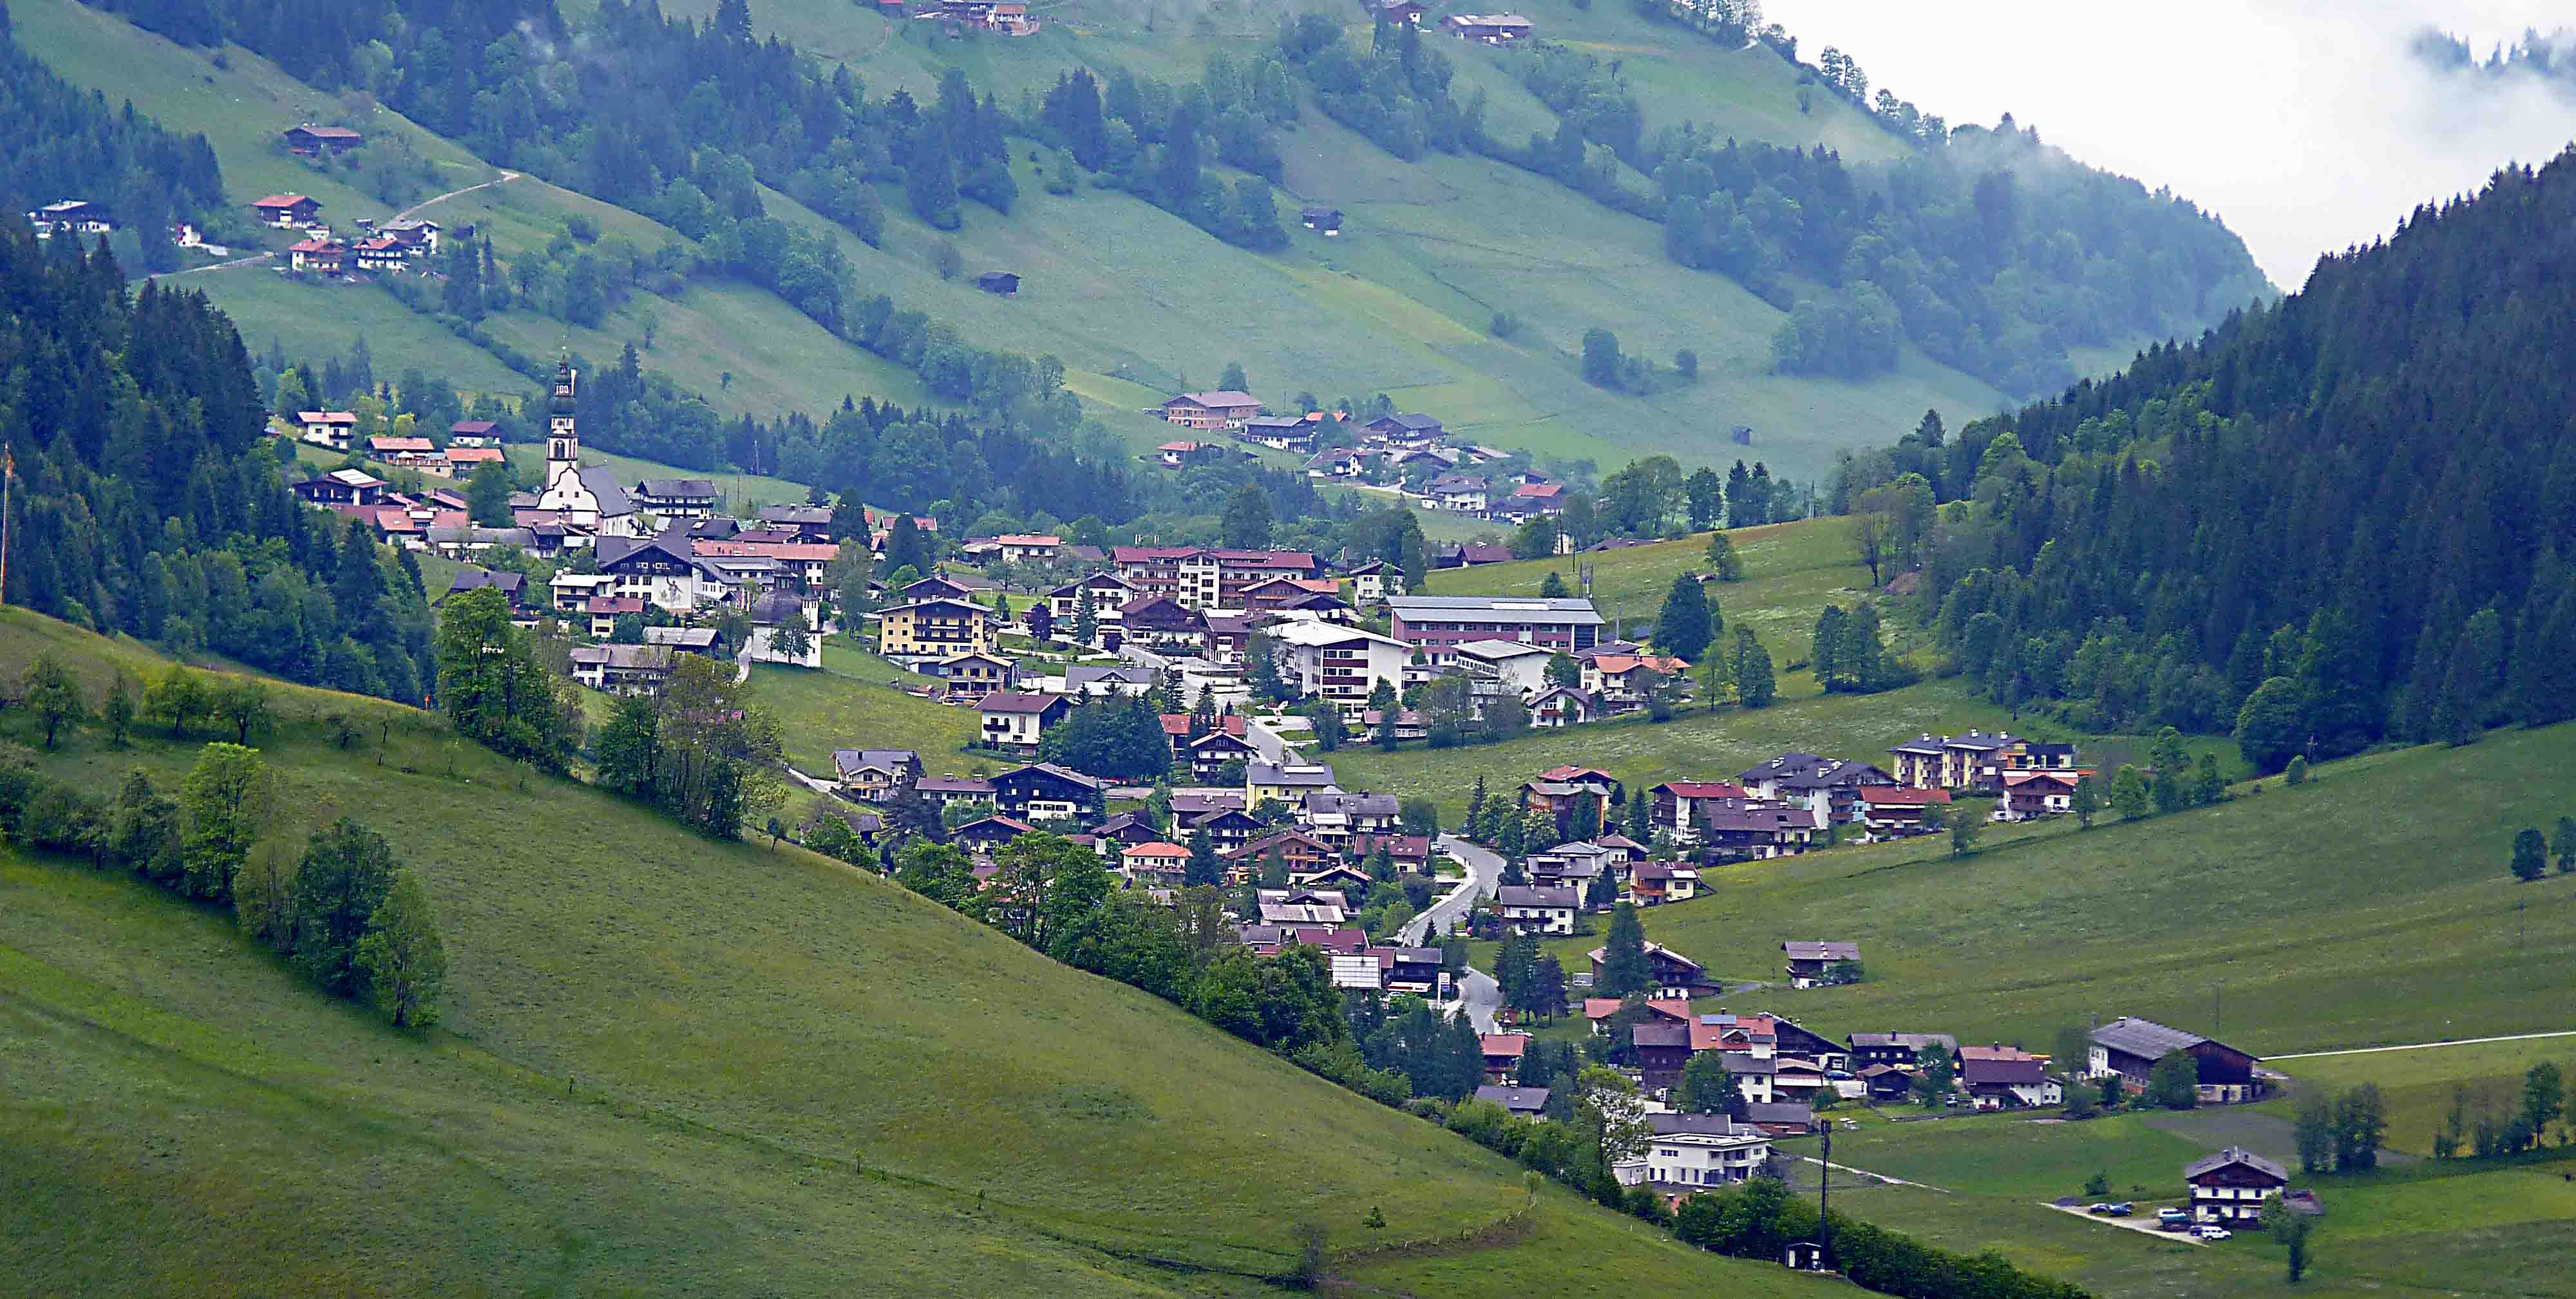 Busunternehmen | Wildschnau Tourismus - Wildschoenau